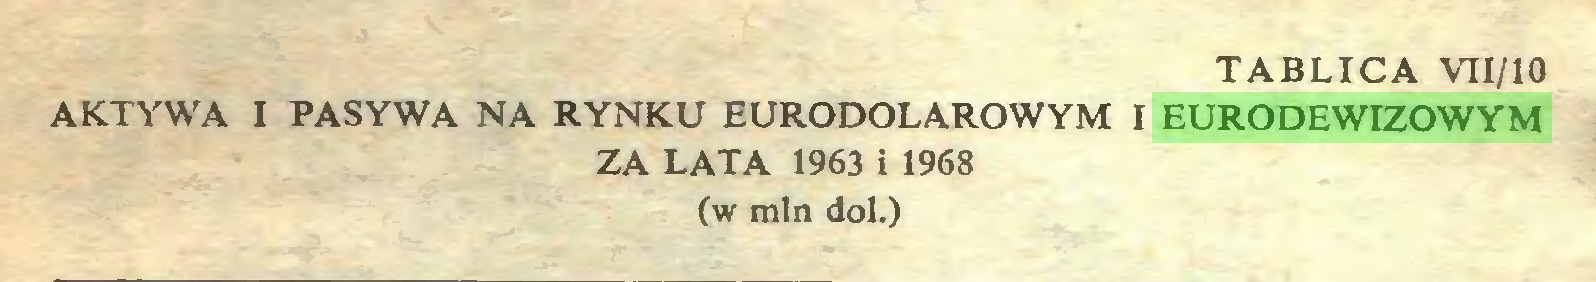 (...) tablica vii/io AKTYWA I PASYWA NA RYNKU EURODOLAROWYM I EURODEWIZOWYM ZA LATA 1963 i 1968 (w min doi.)...